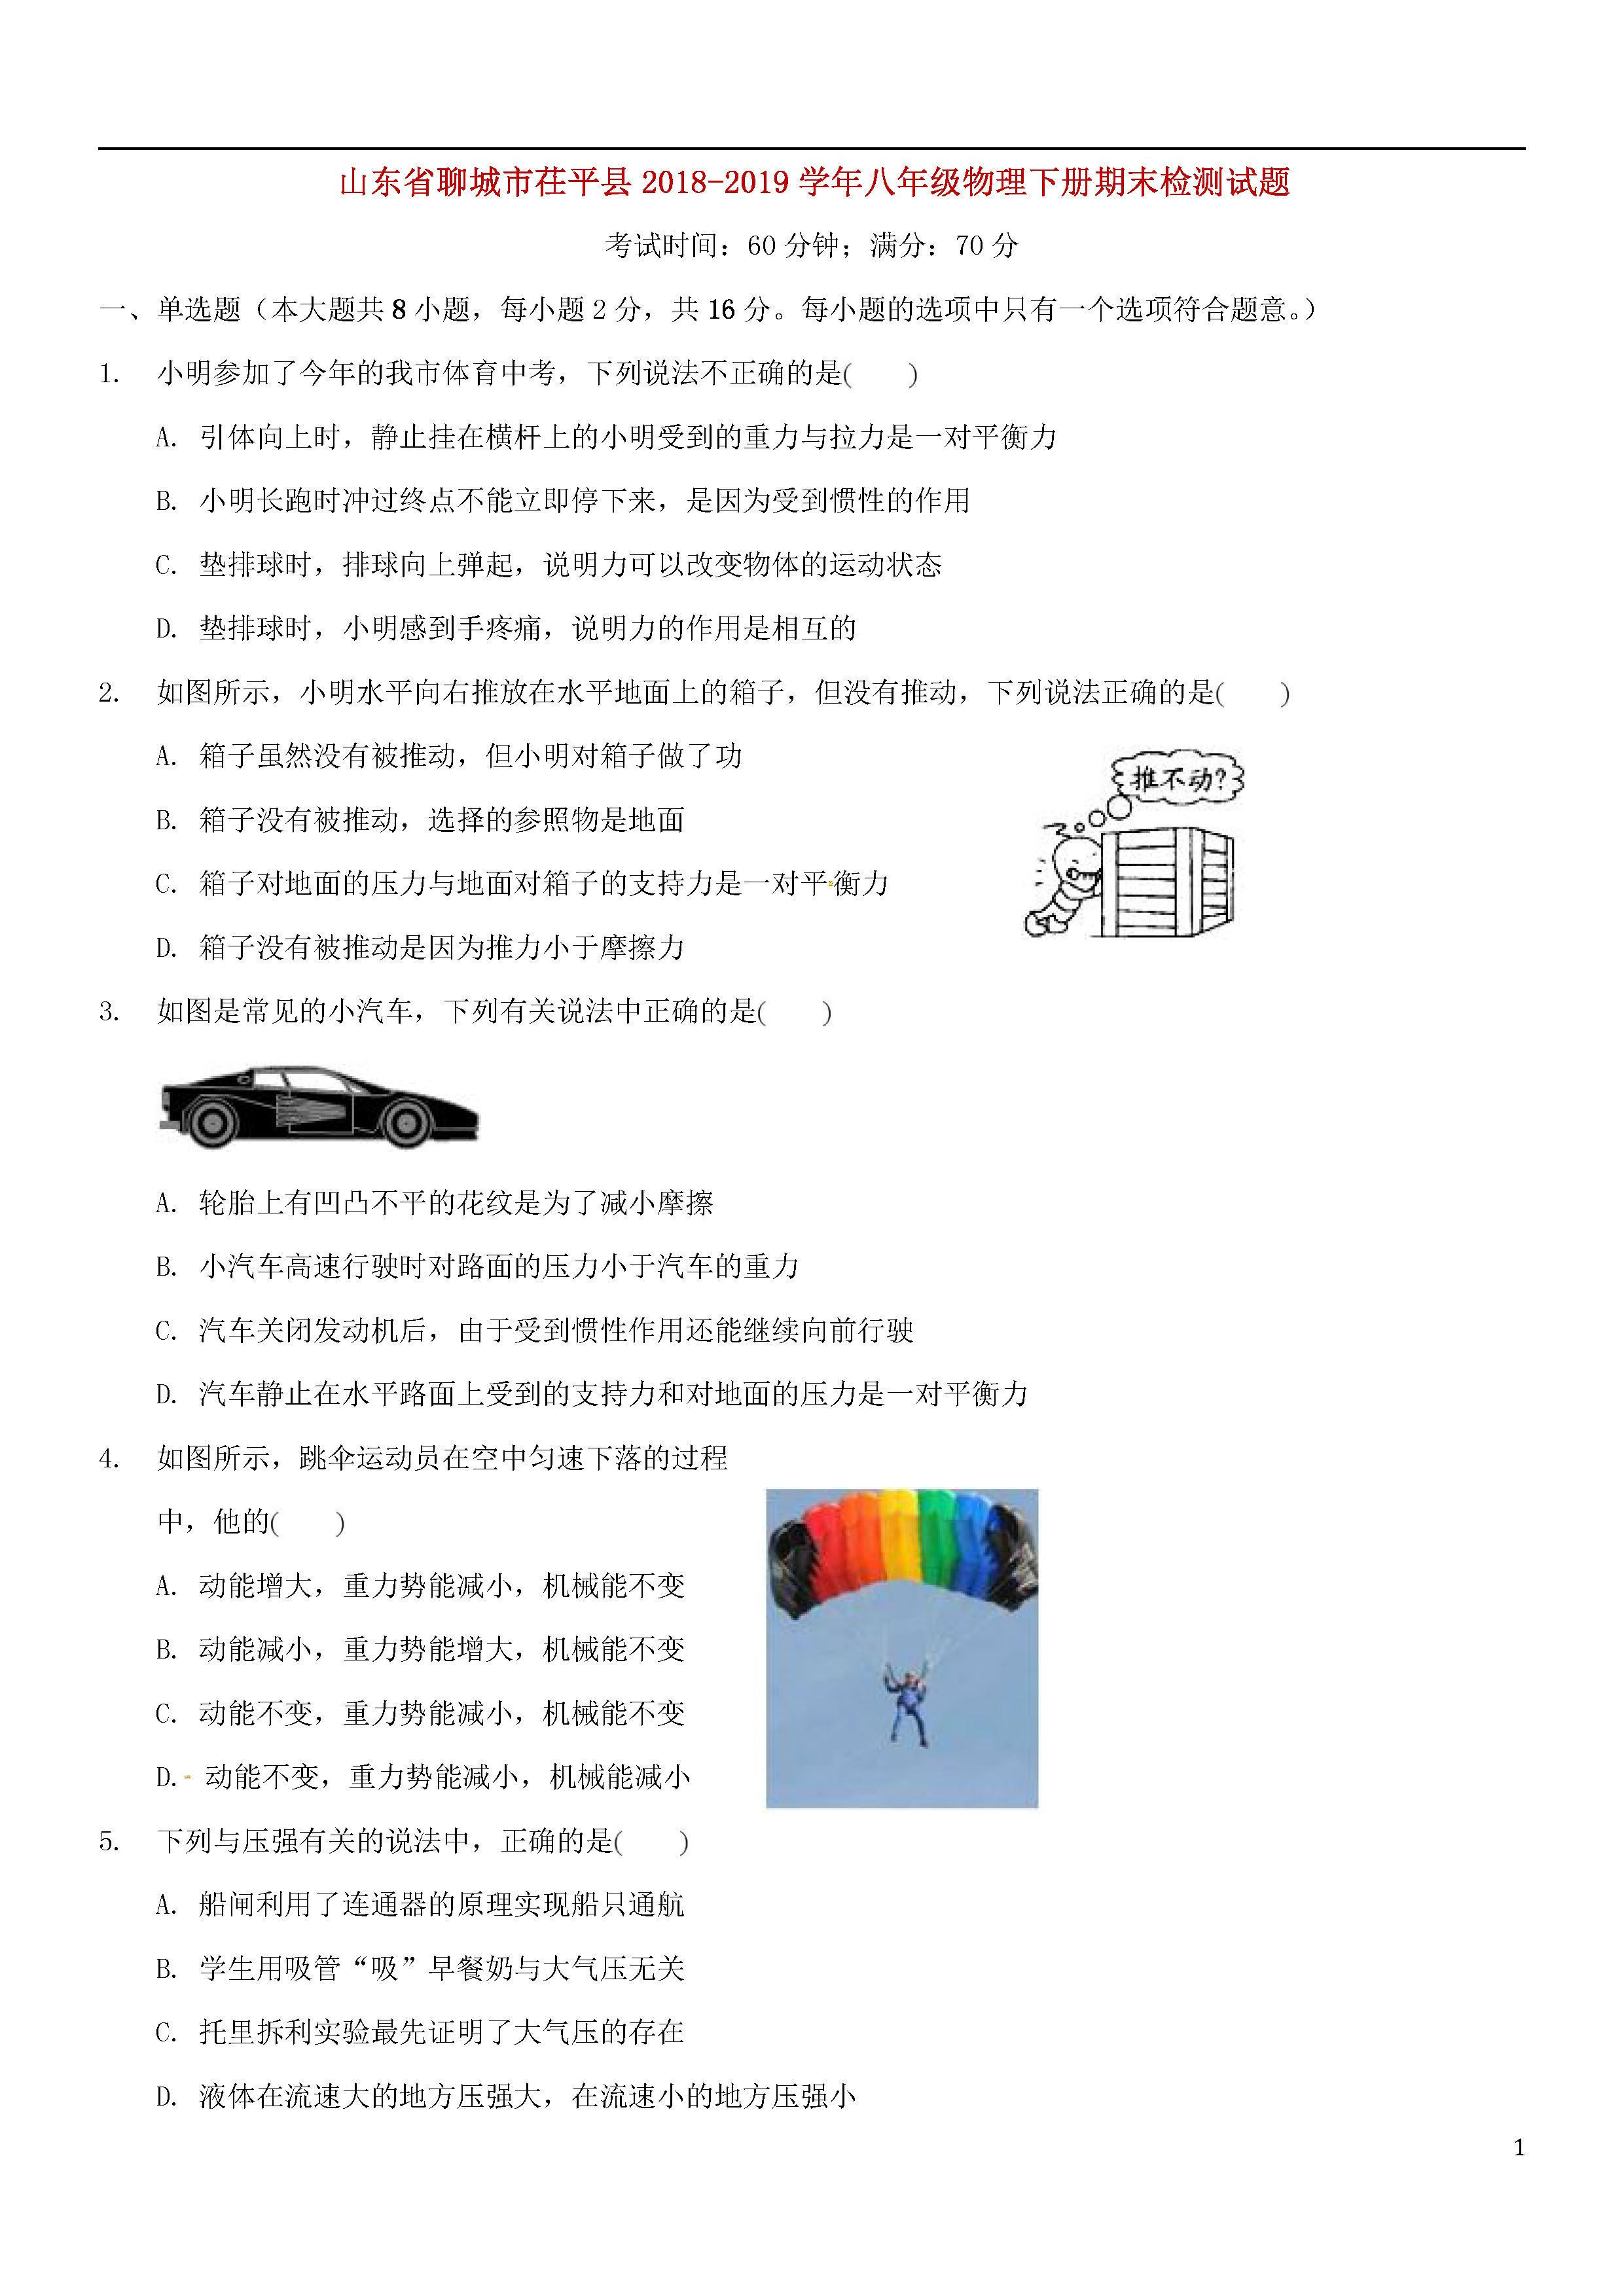 山东聊城茌平县2018-2019八年级物理下册期末测试题含答案